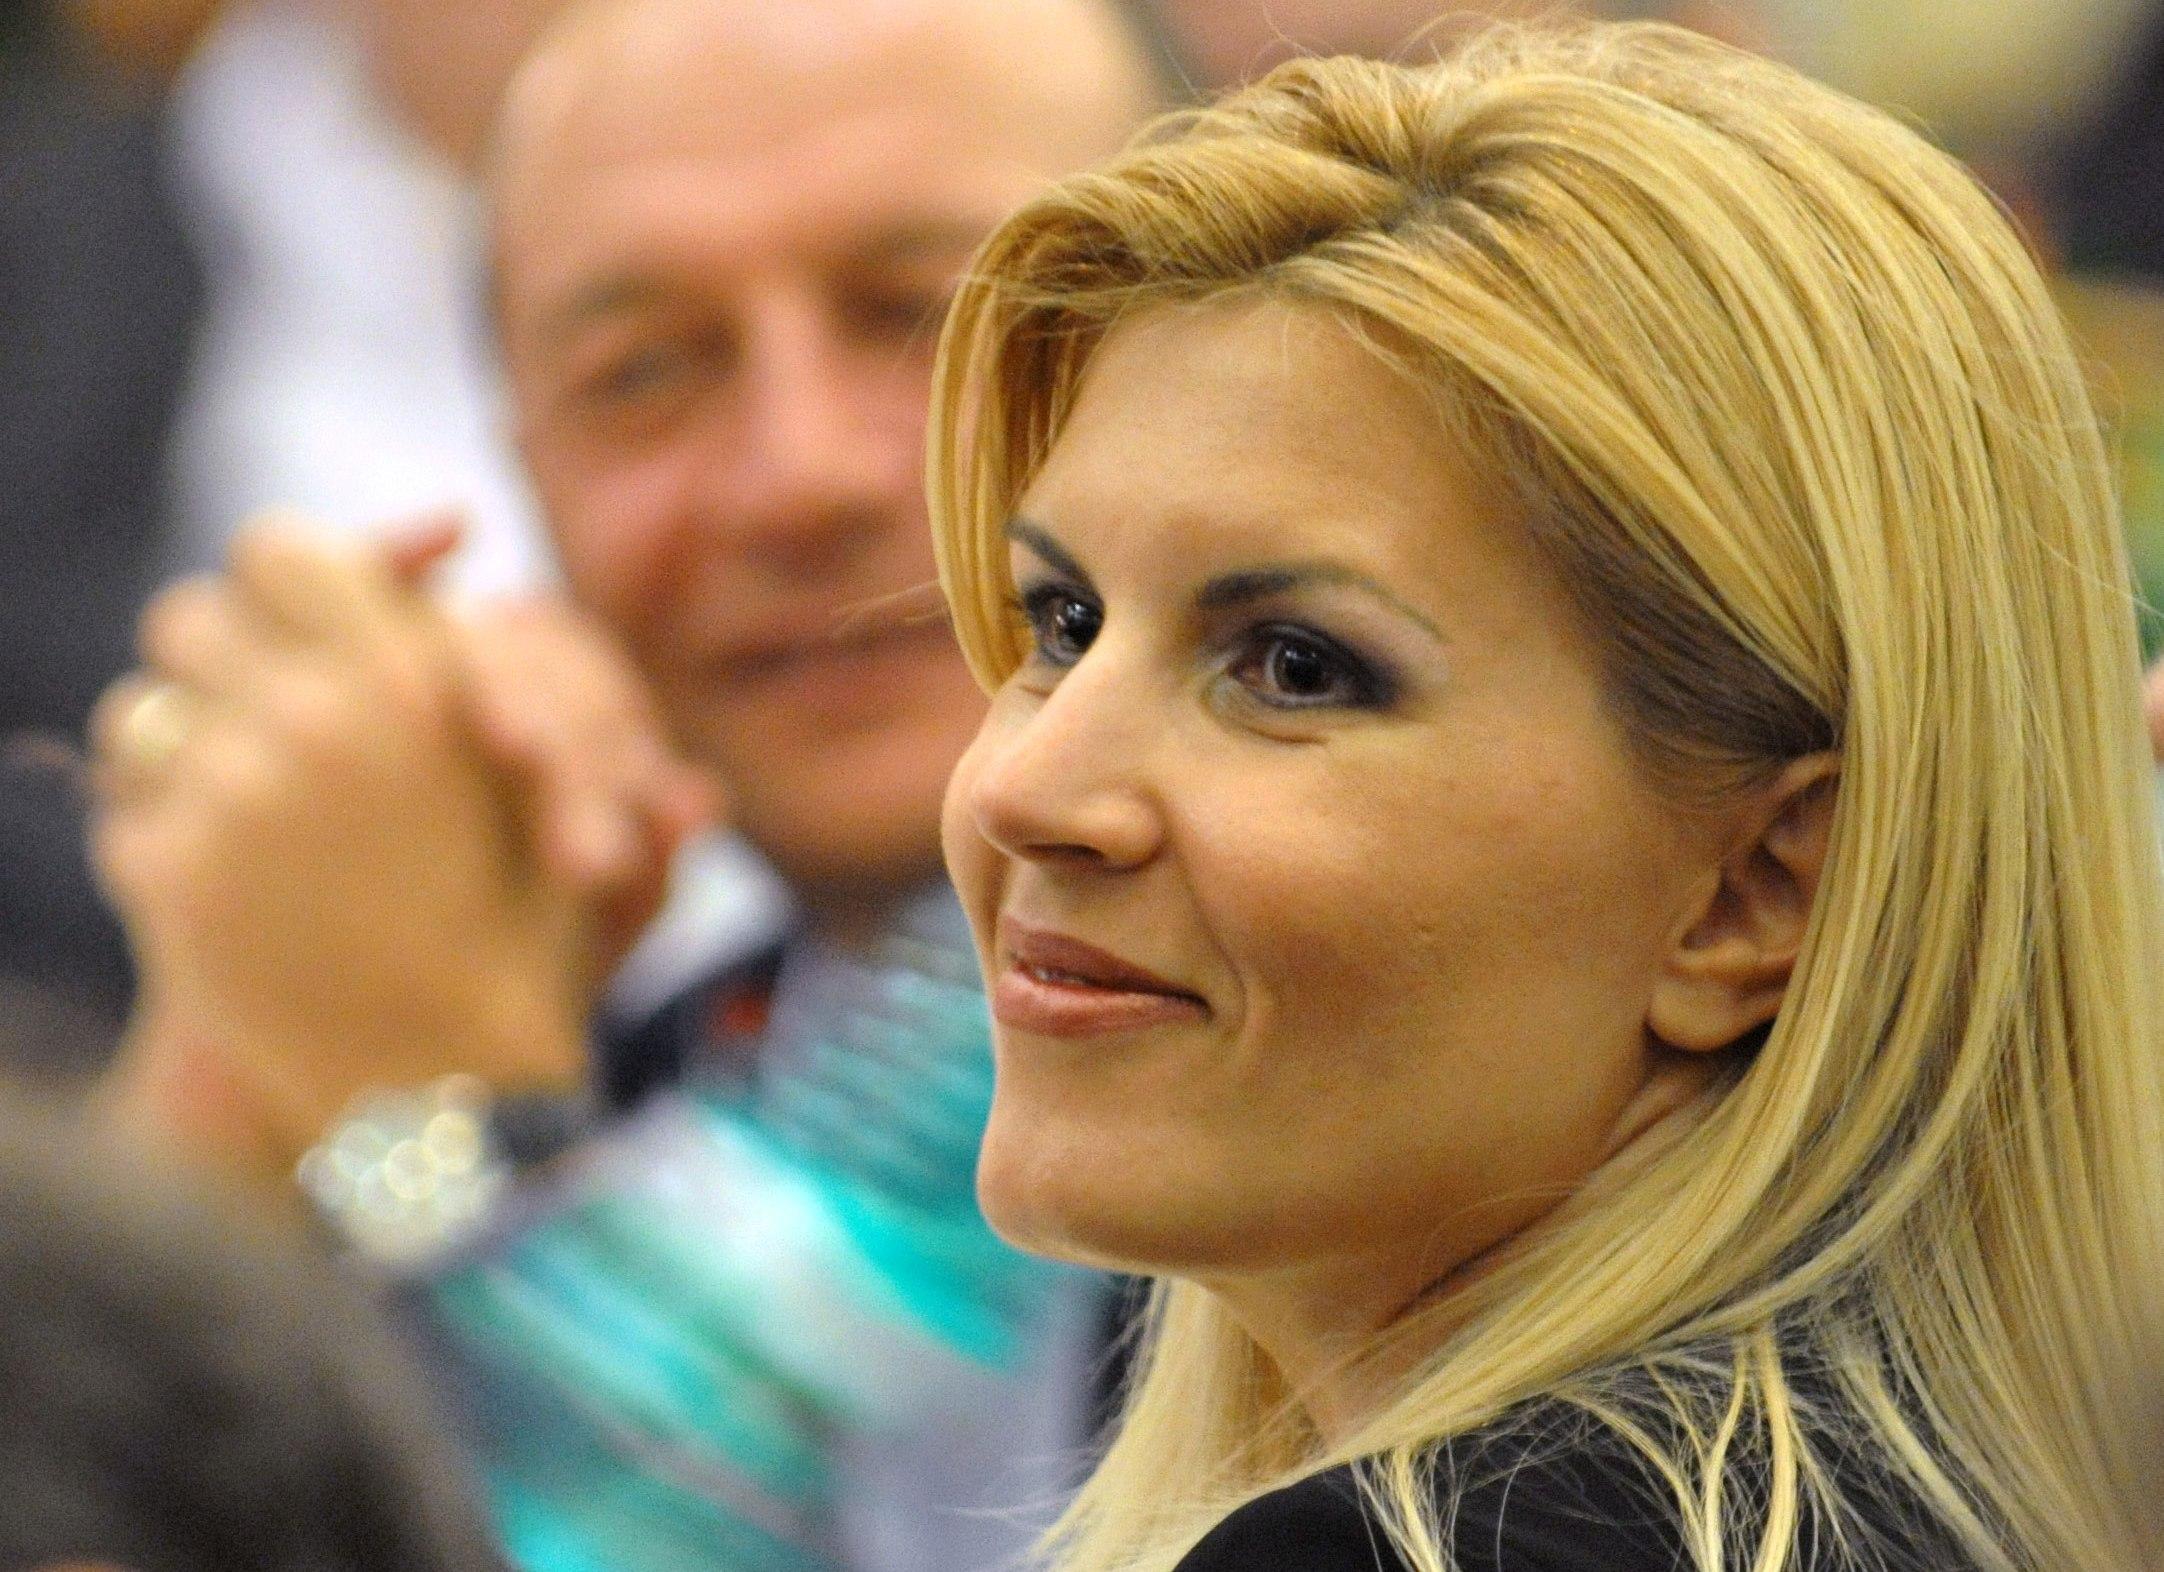 udrea basea www.newschannel.ro